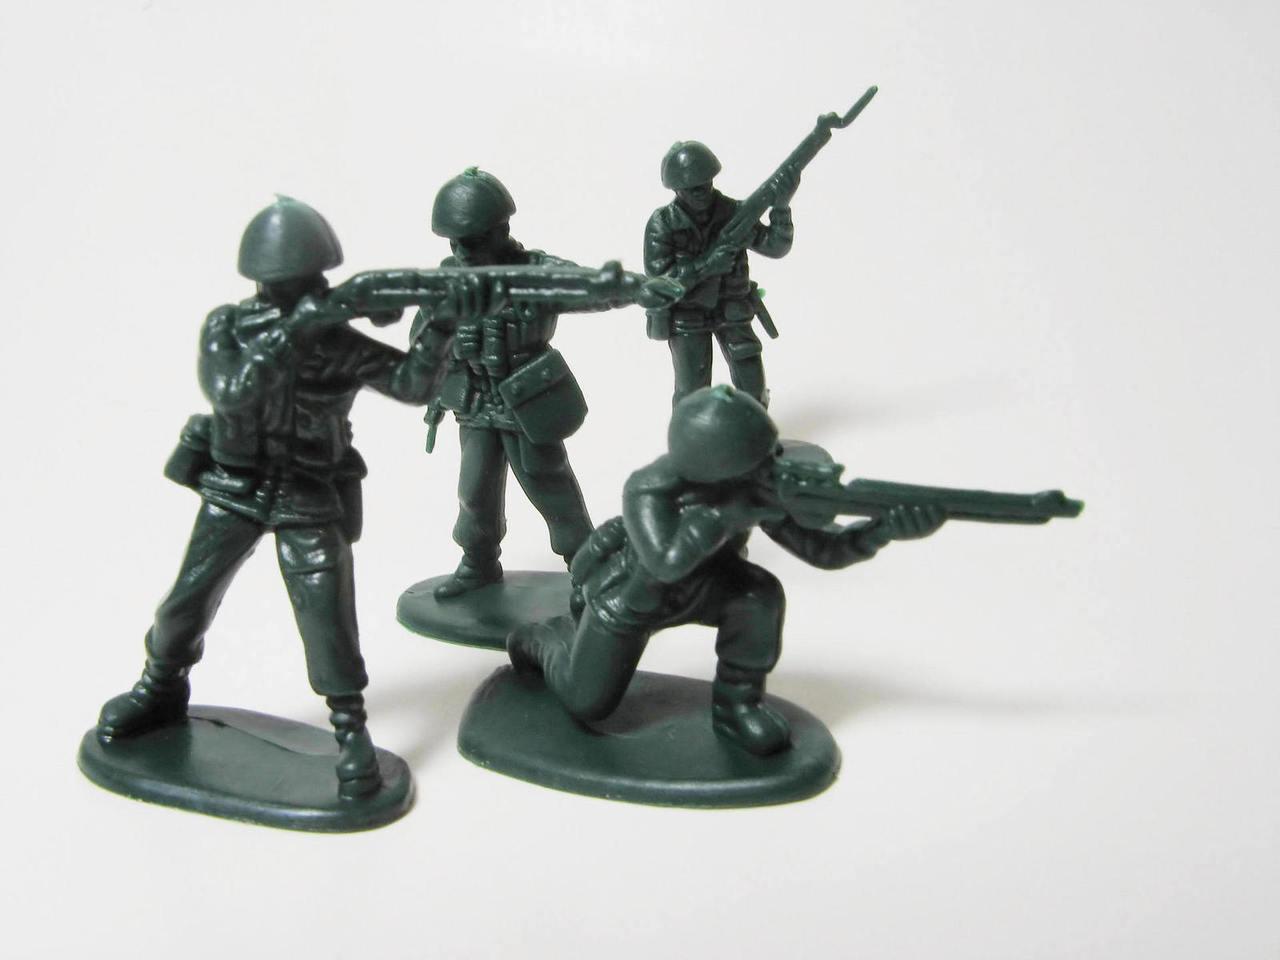 Картинки про солдатиков, для открытки